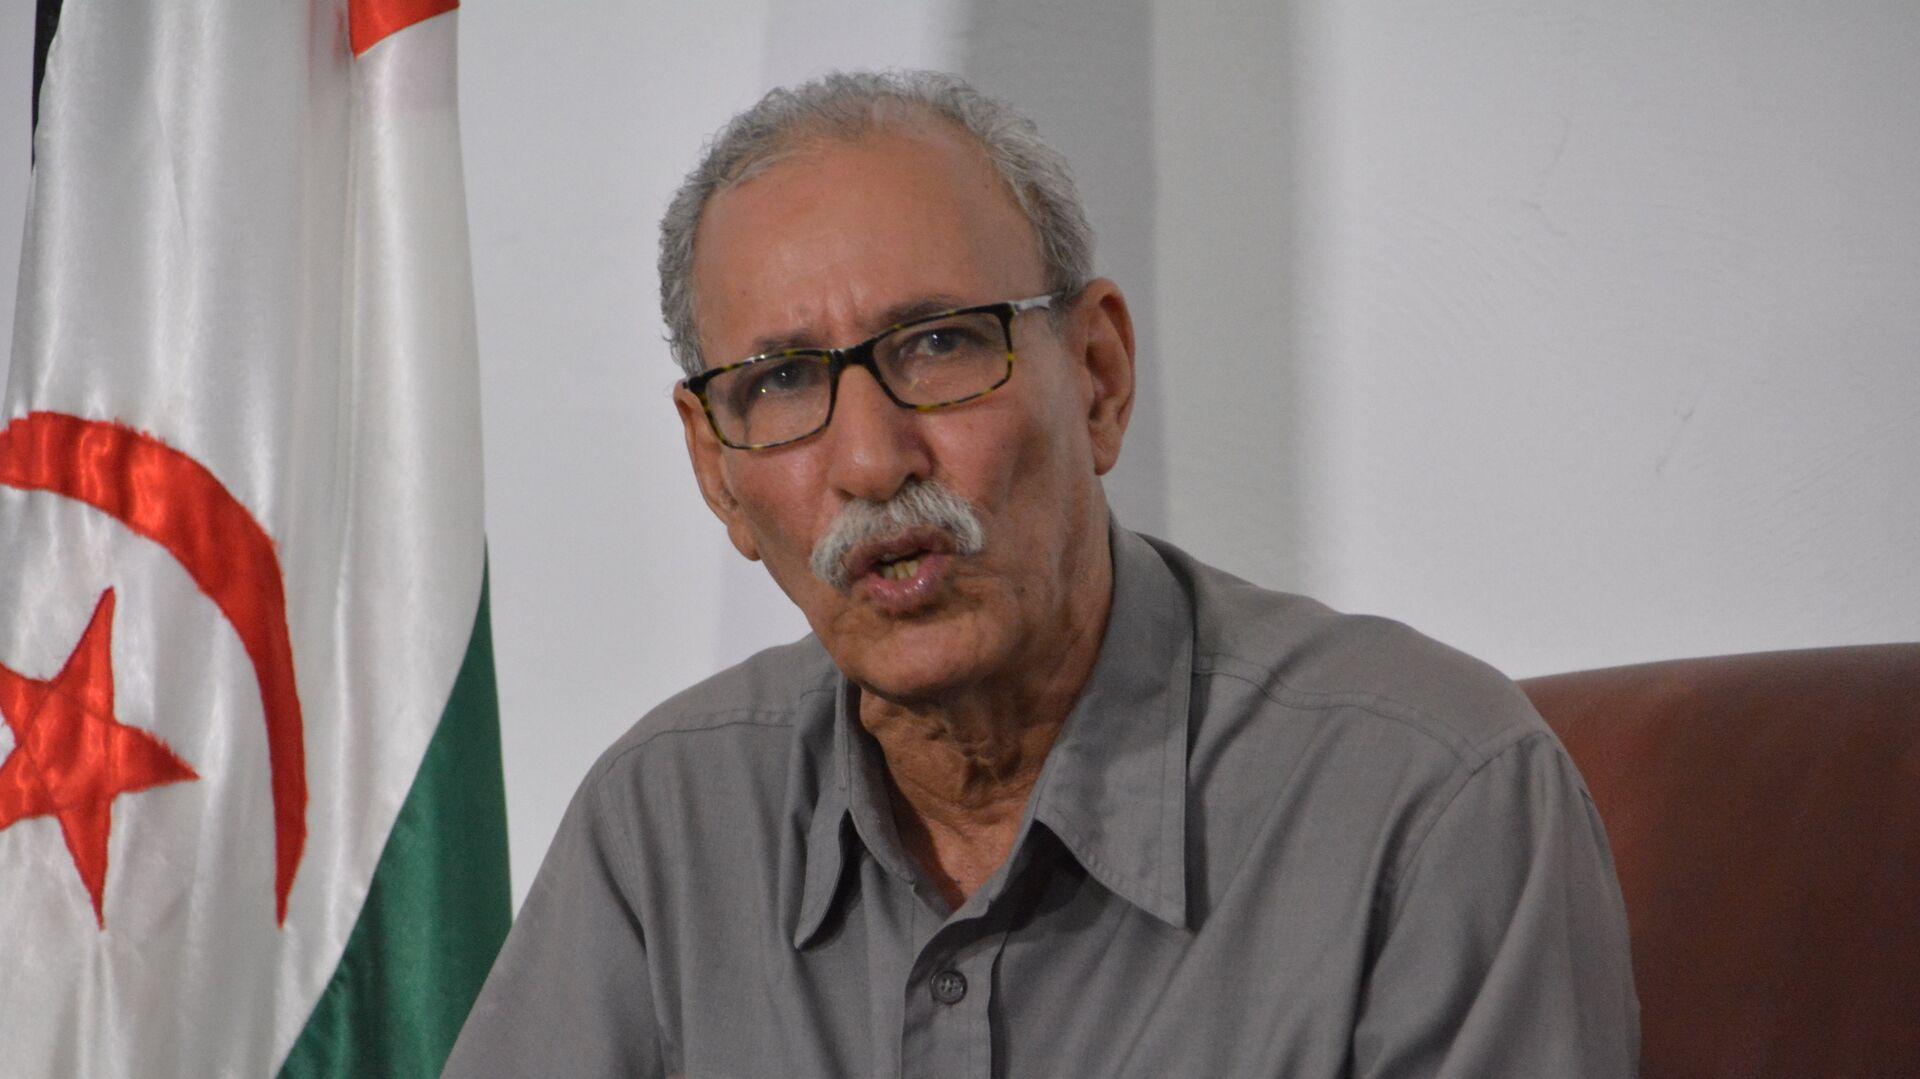 El presidente y líder del Frente Polisario, Brahim Ghali - Sputnik Mundo, 1920, 23.04.2021